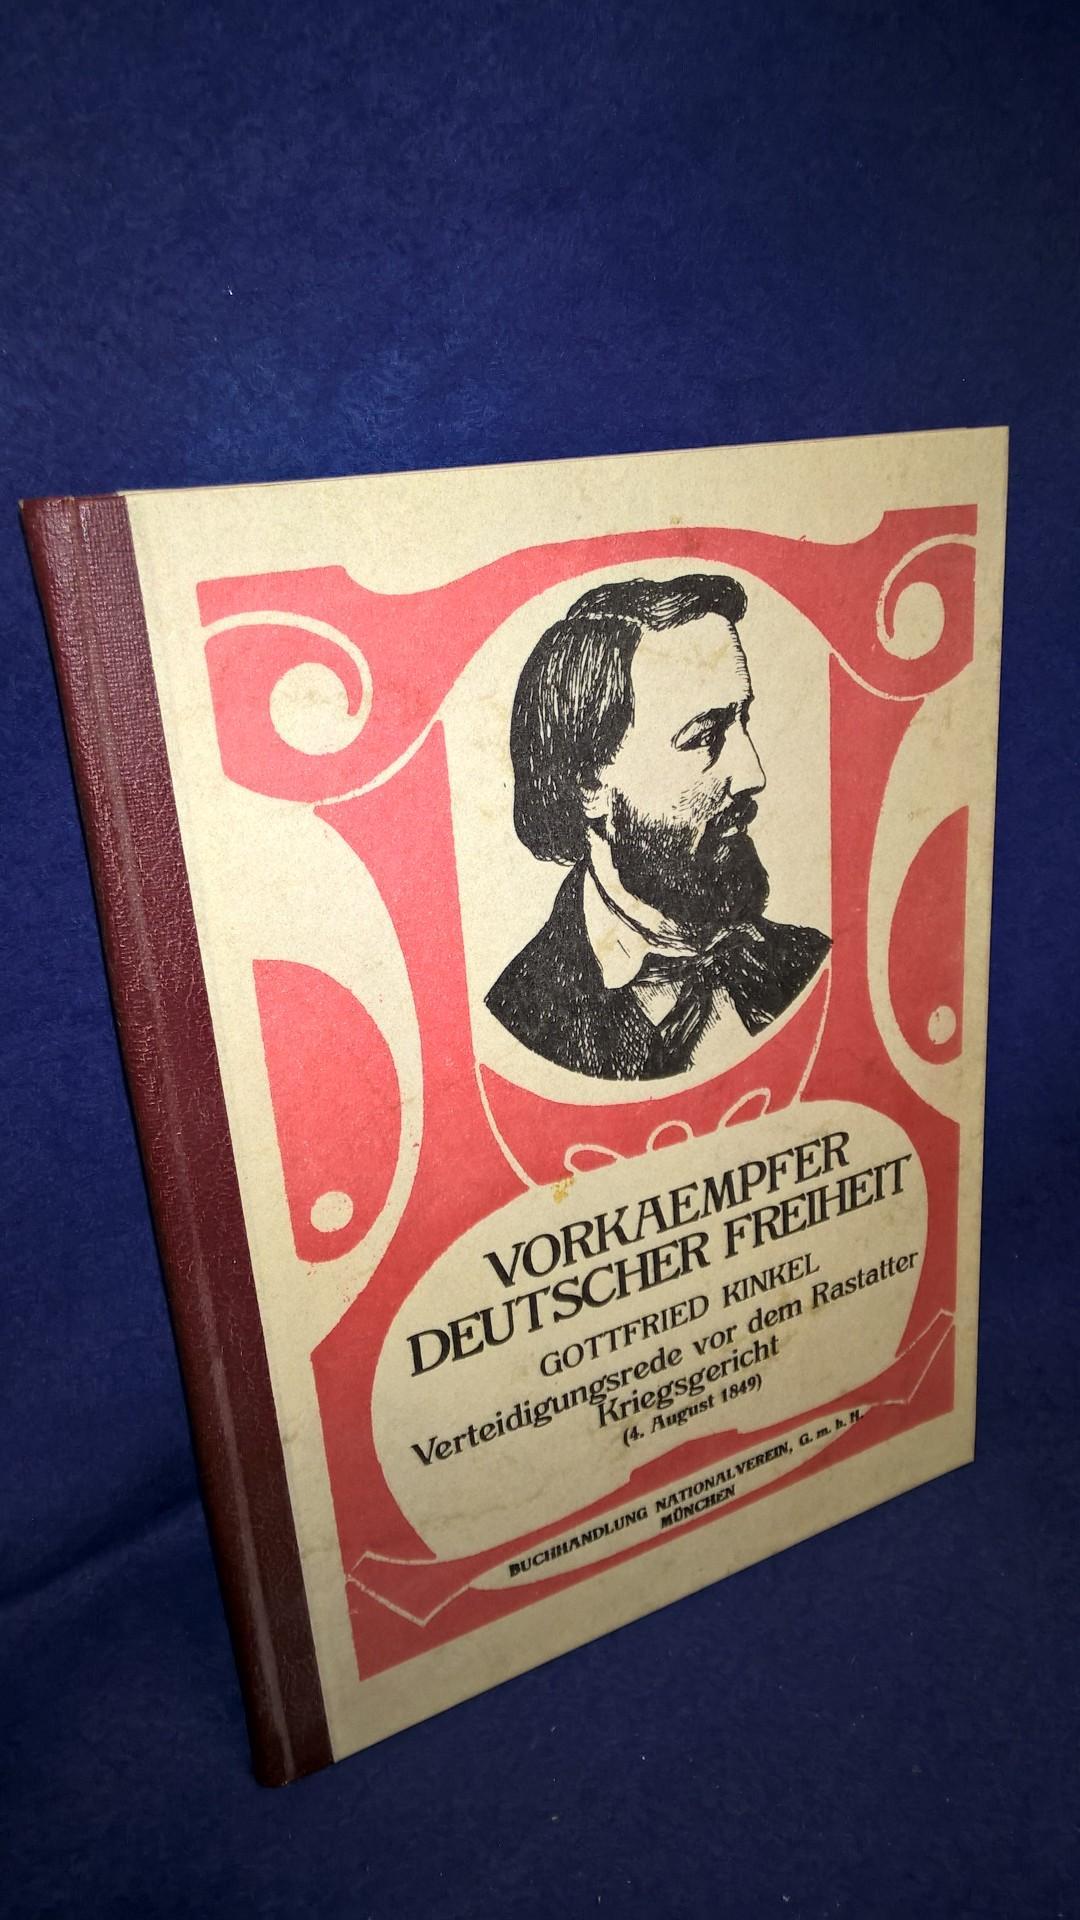 Vorkaempfer deutscher Freiheit.Verteidigungsrede vor dem Rastatter Kriegsgericht. 4. August 1849.